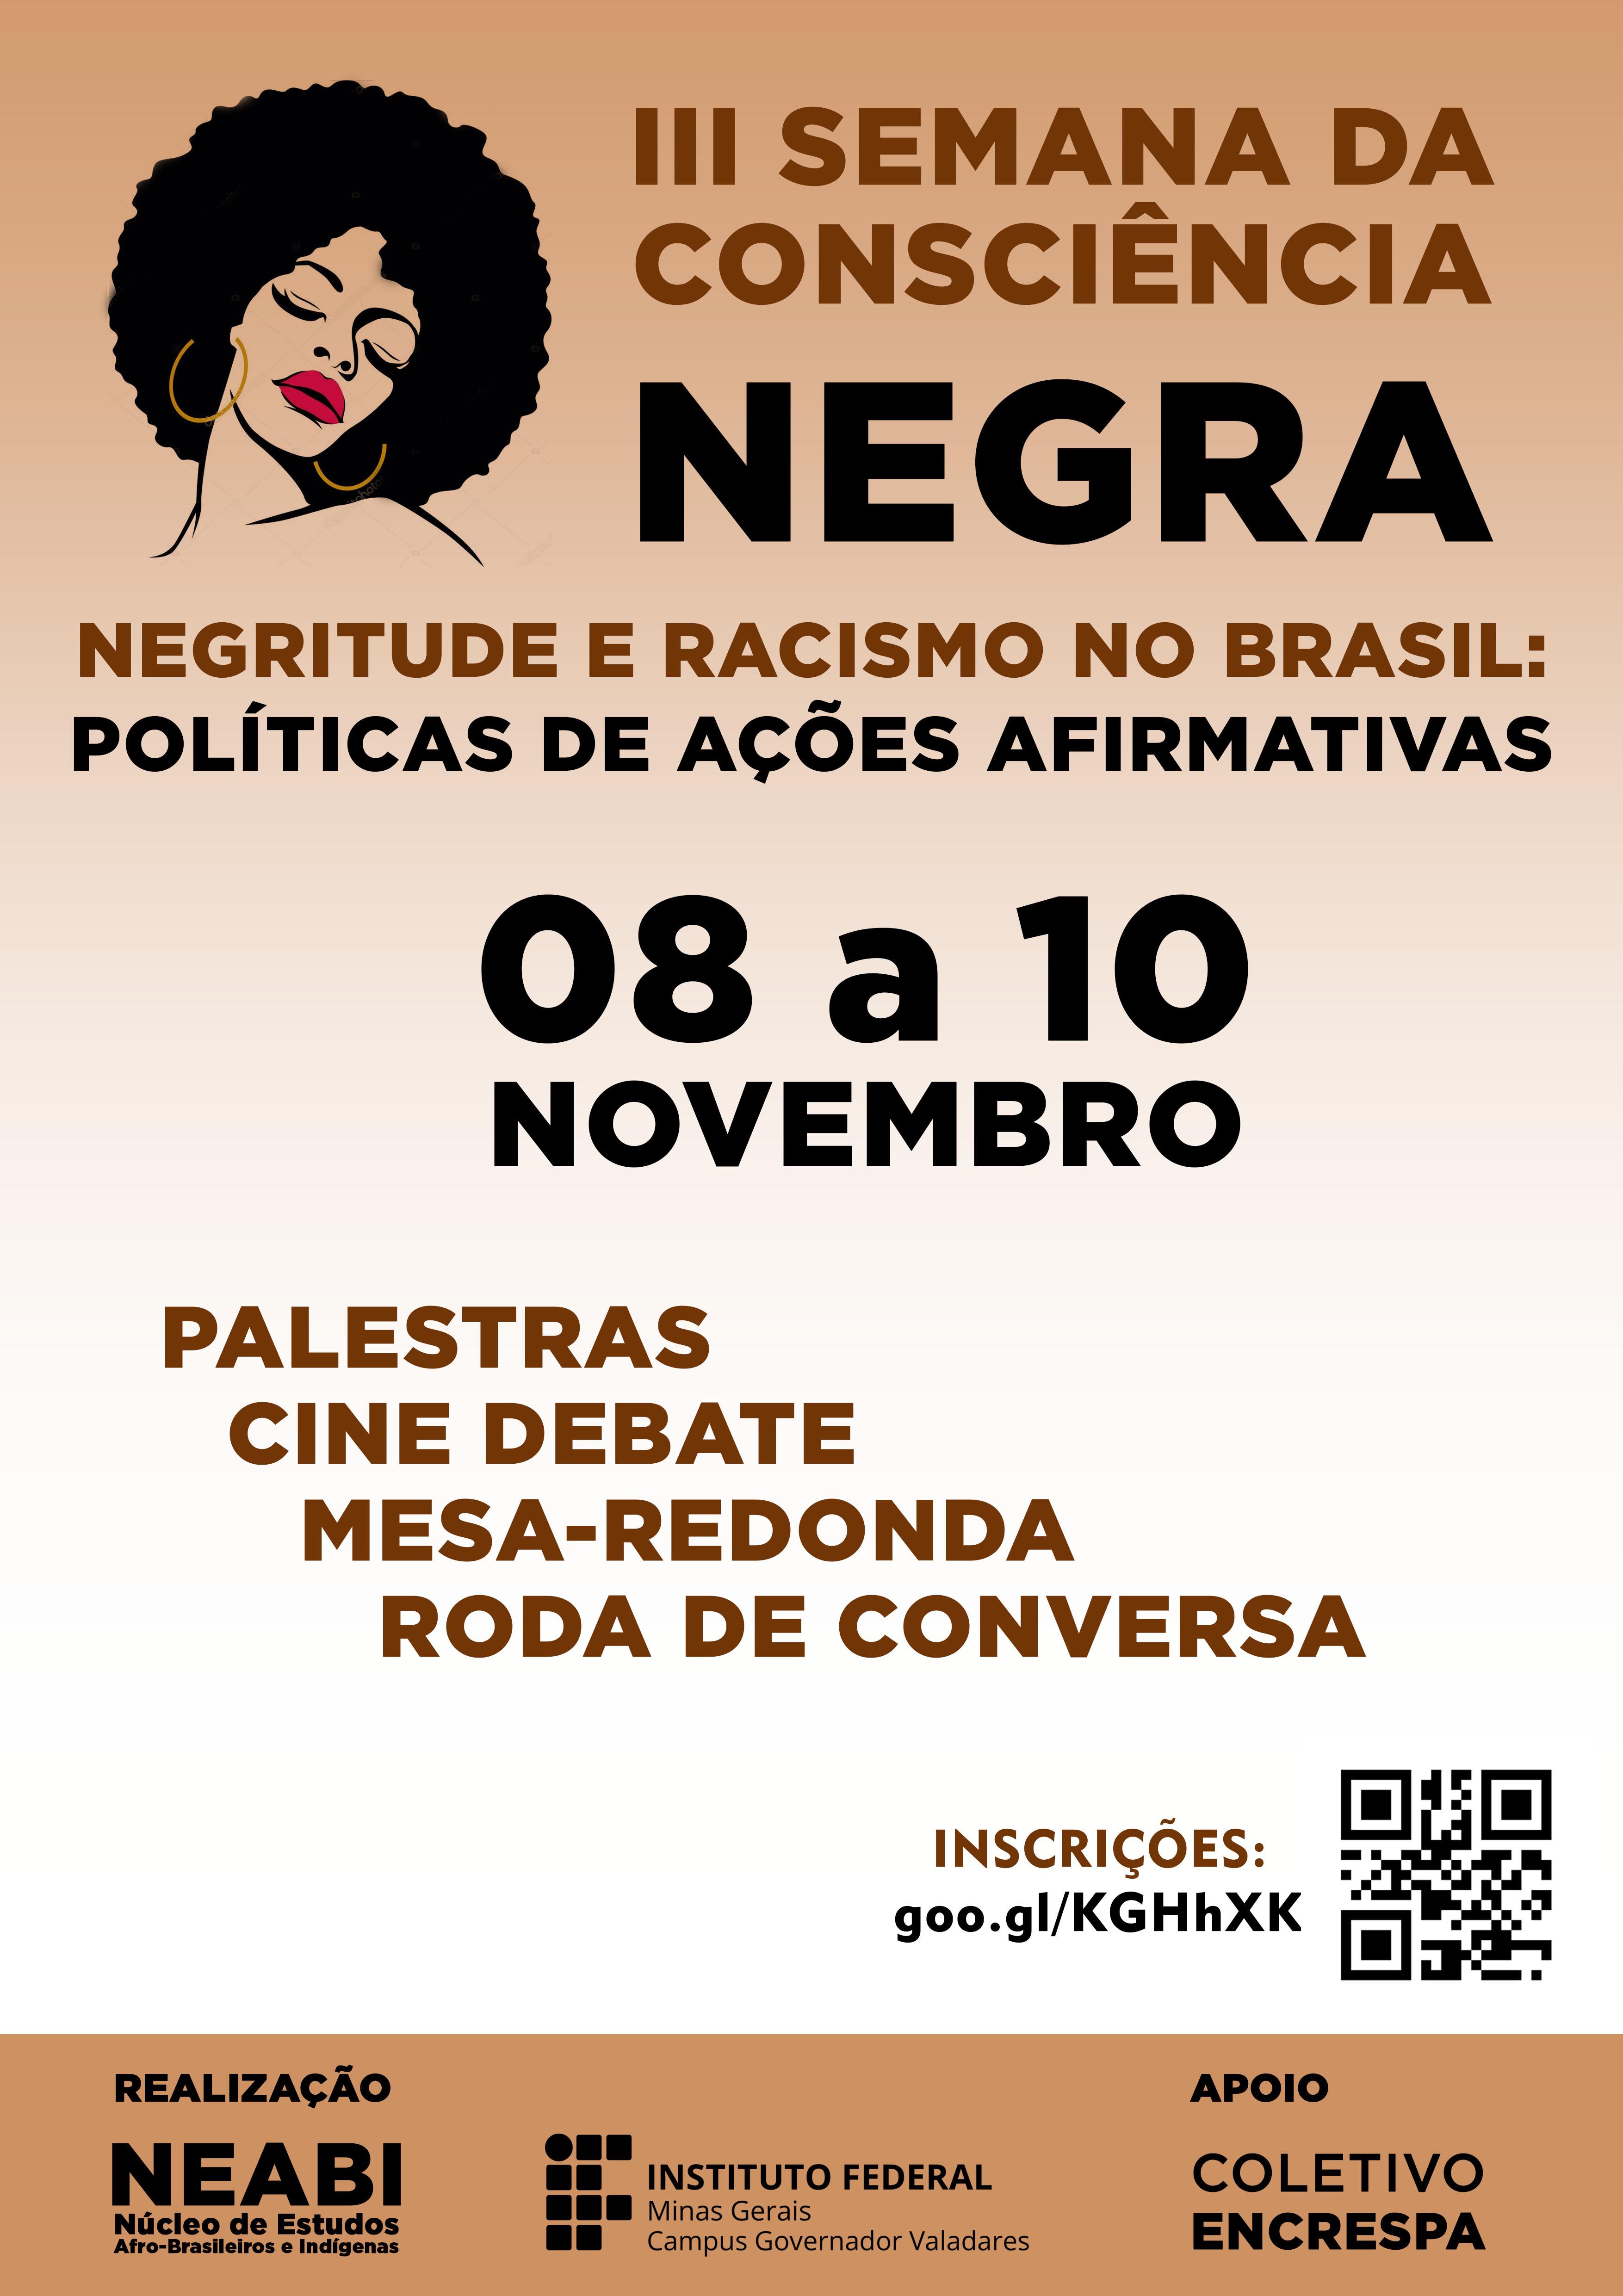 III Semana da Consciência Negra